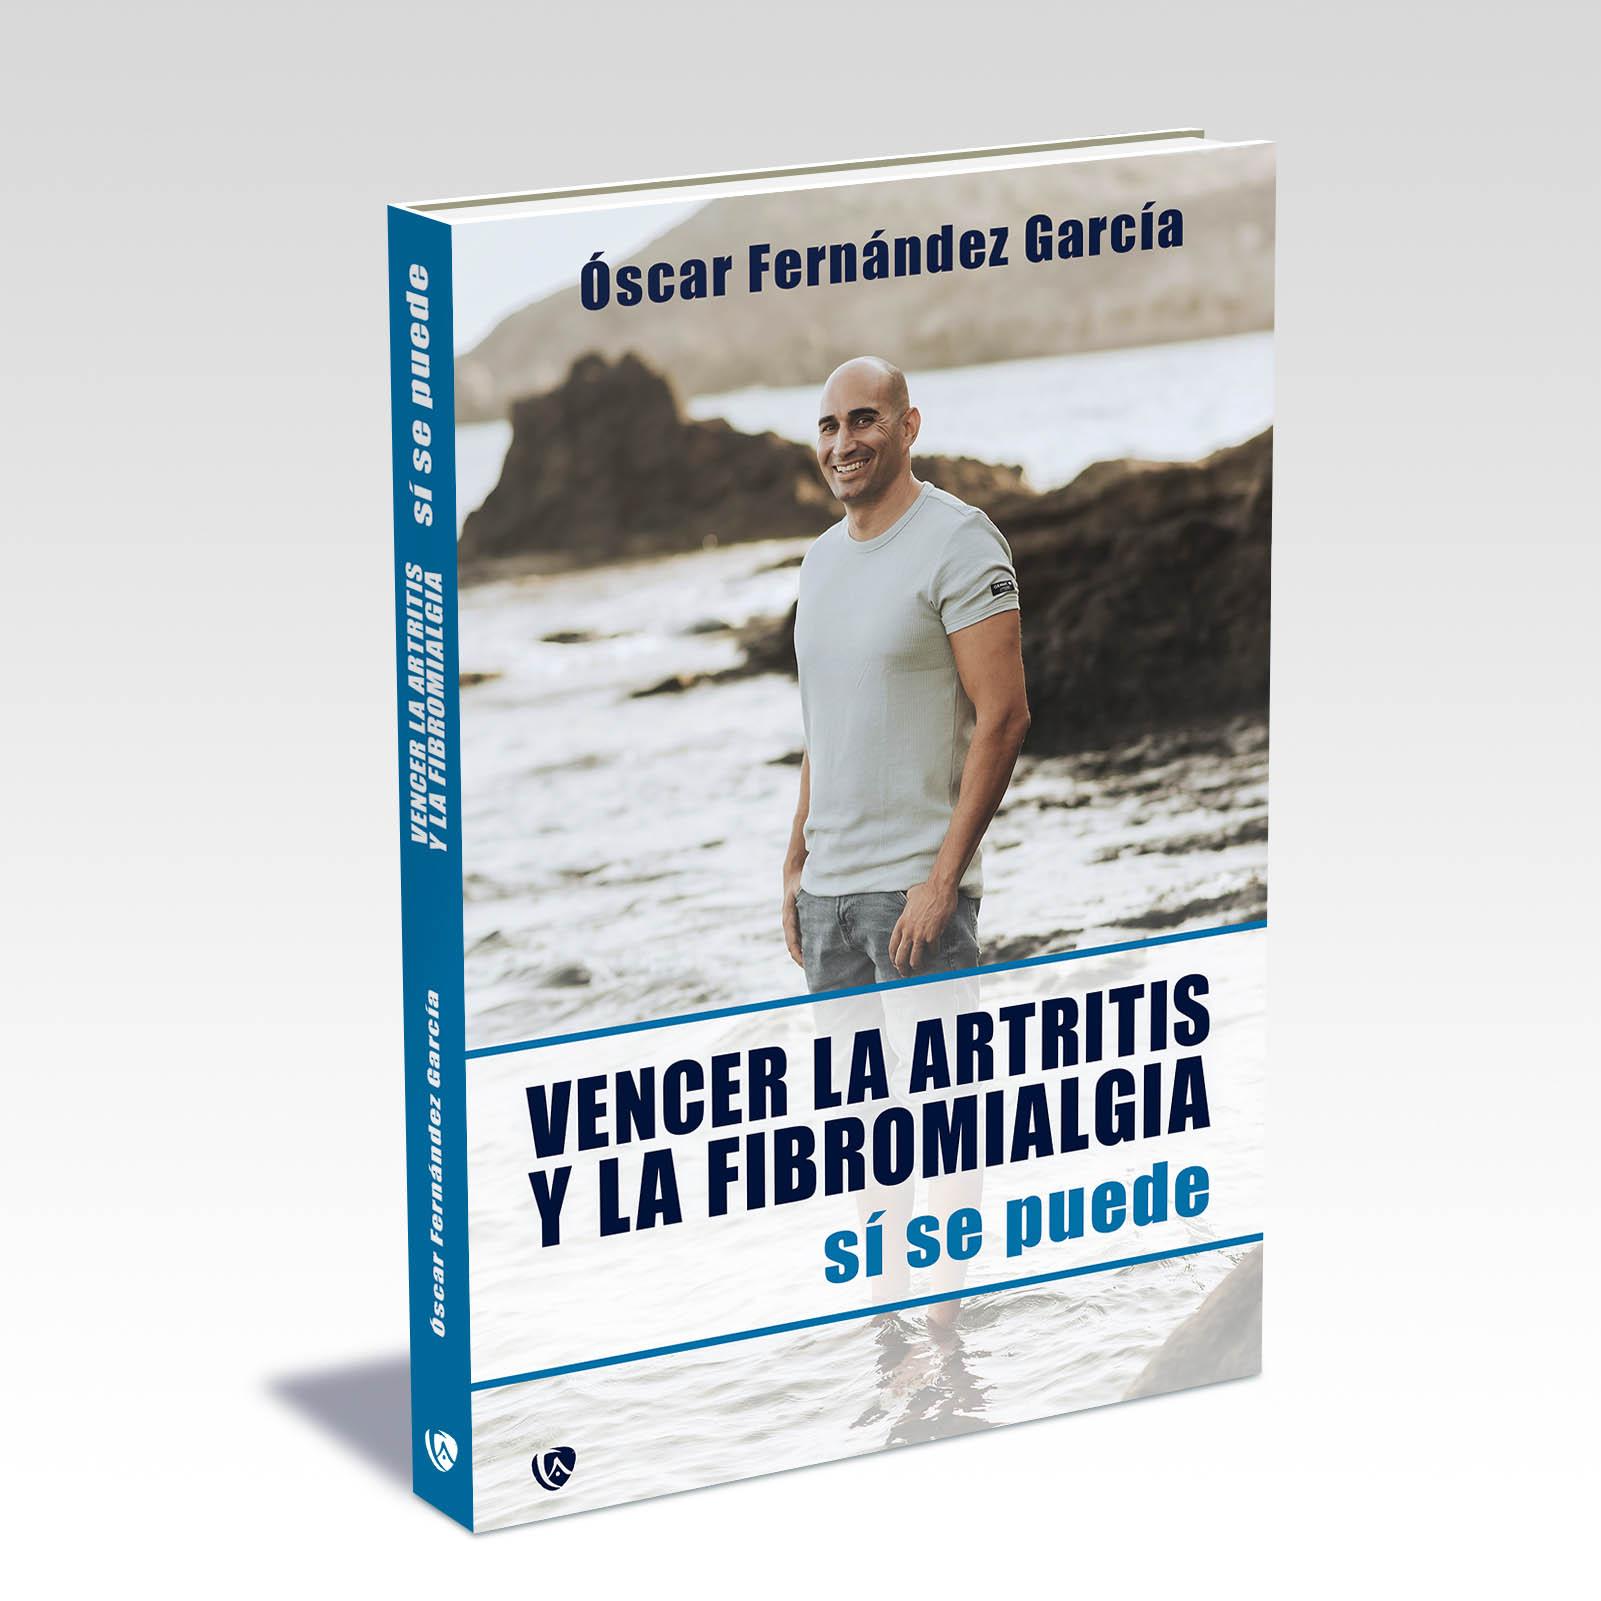 Vencer la artritis y la fibromialgia